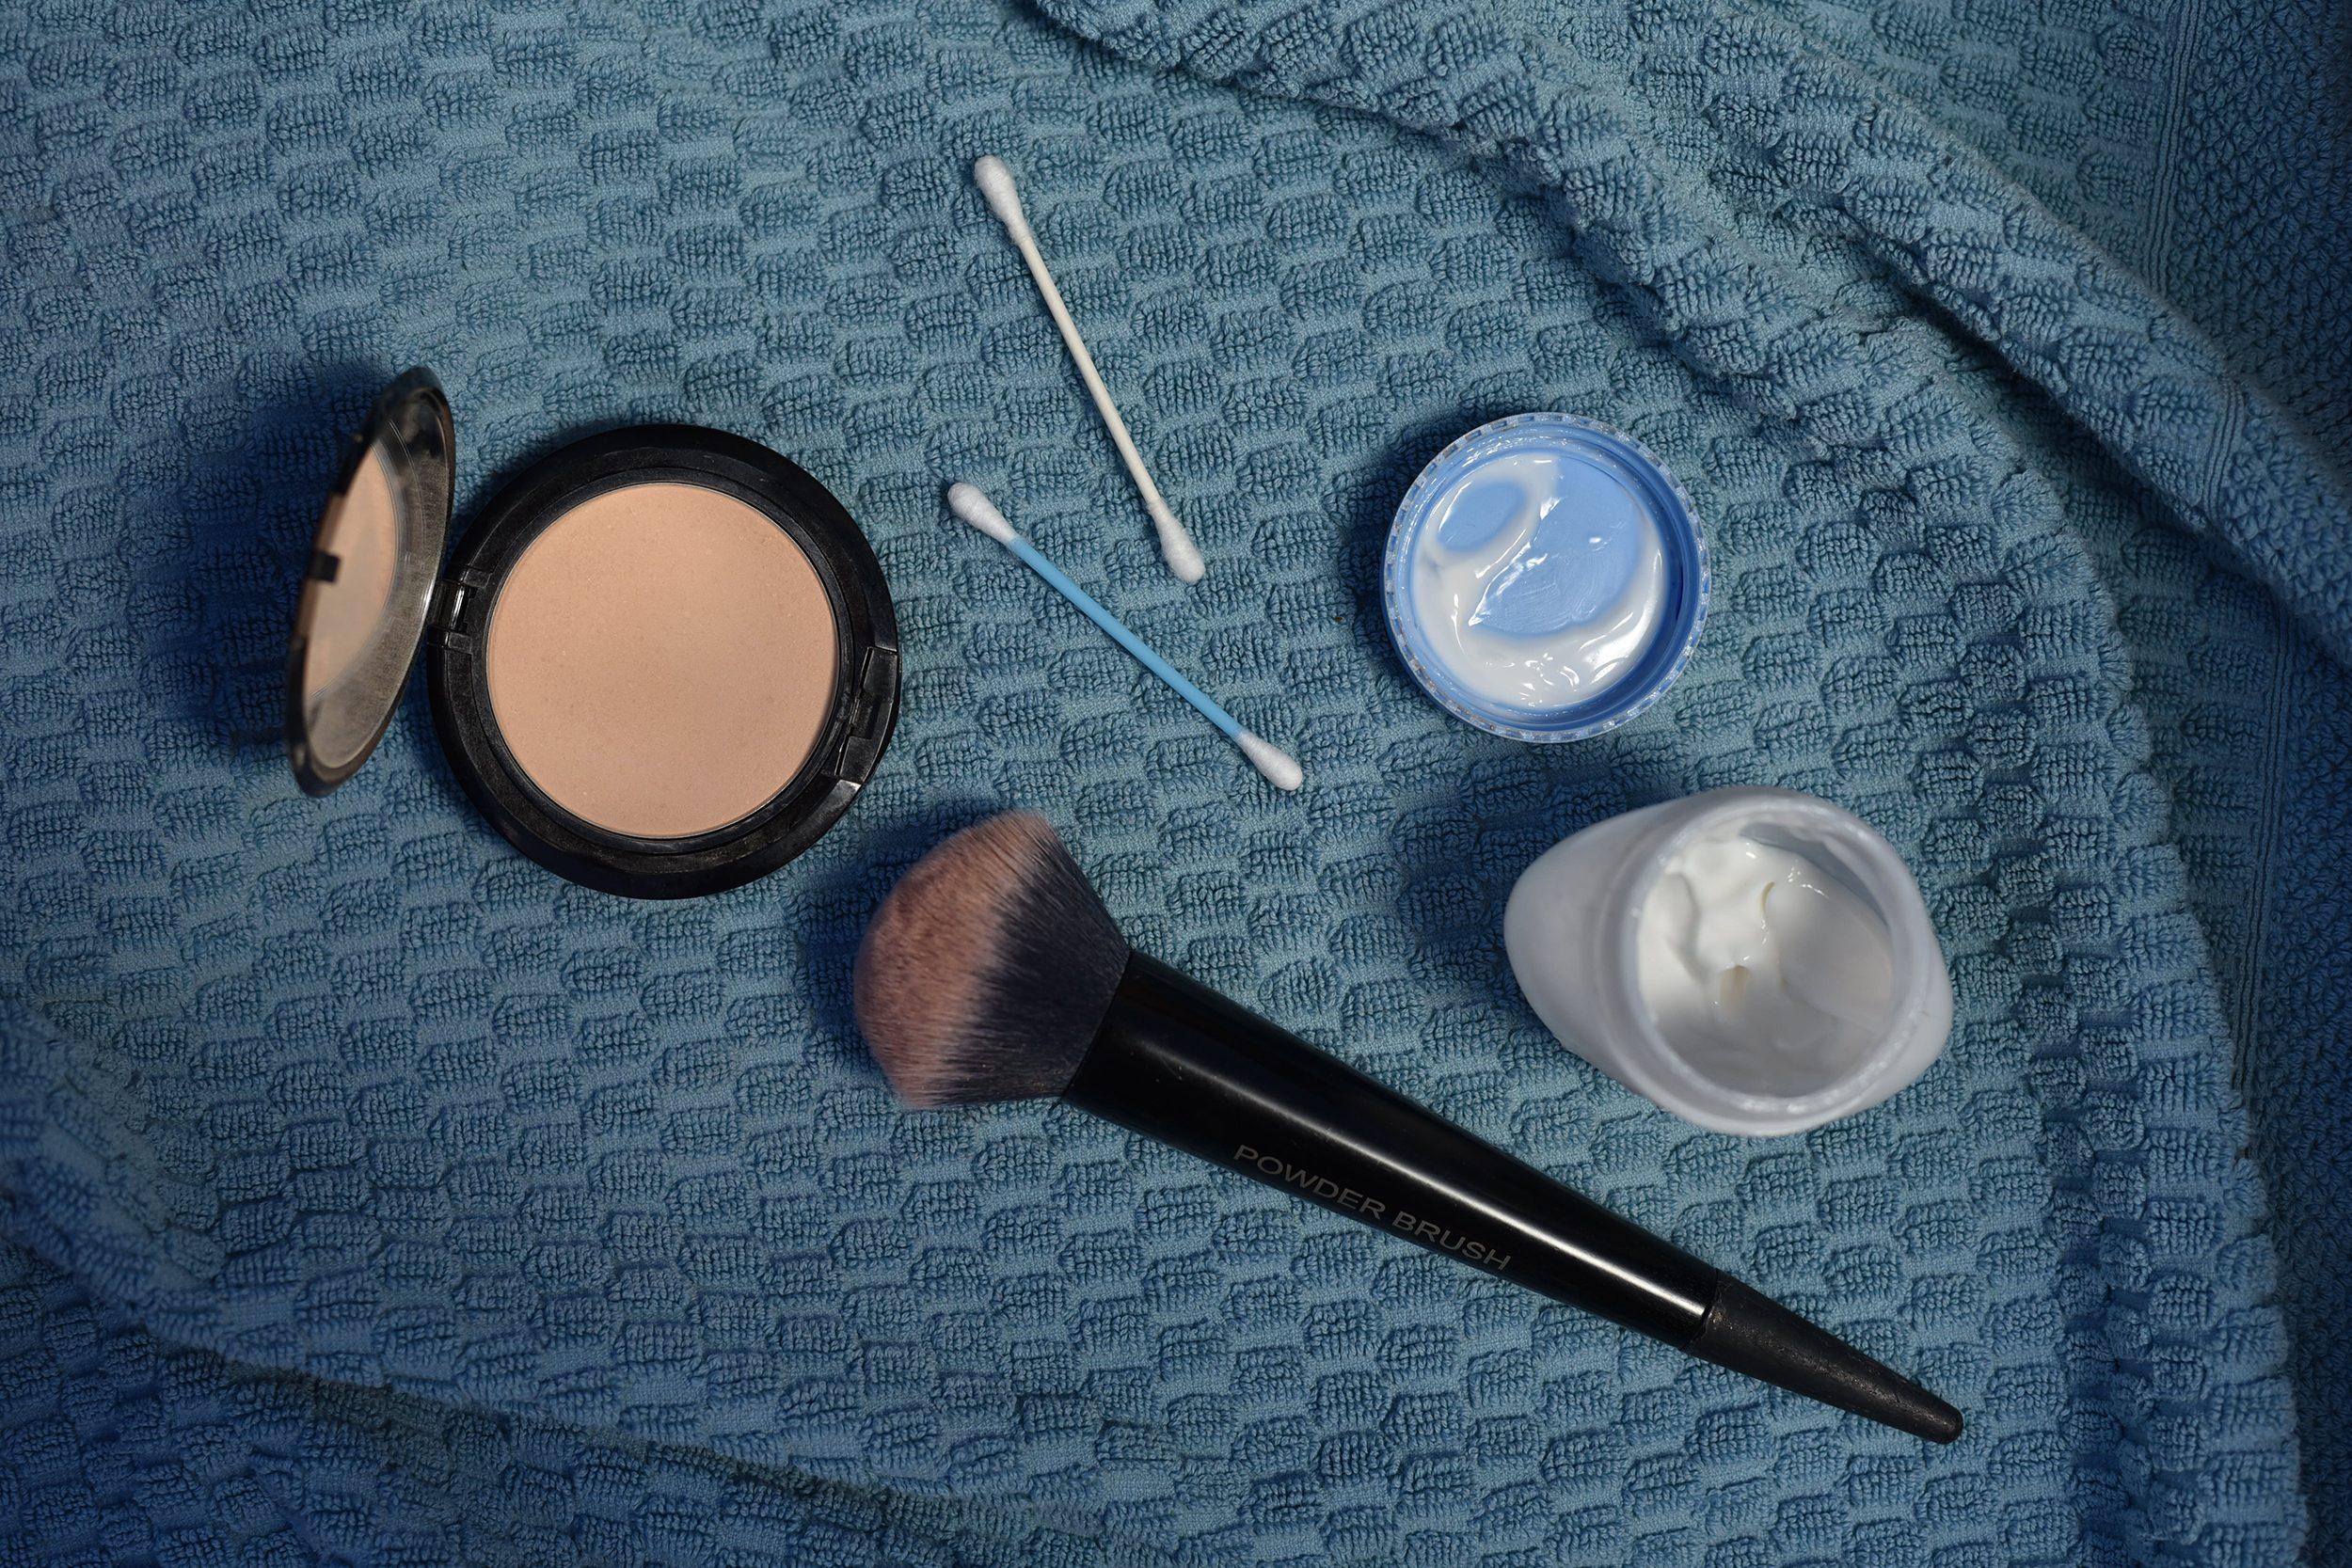 make up moisturizer q-tip q tp uses life hacks